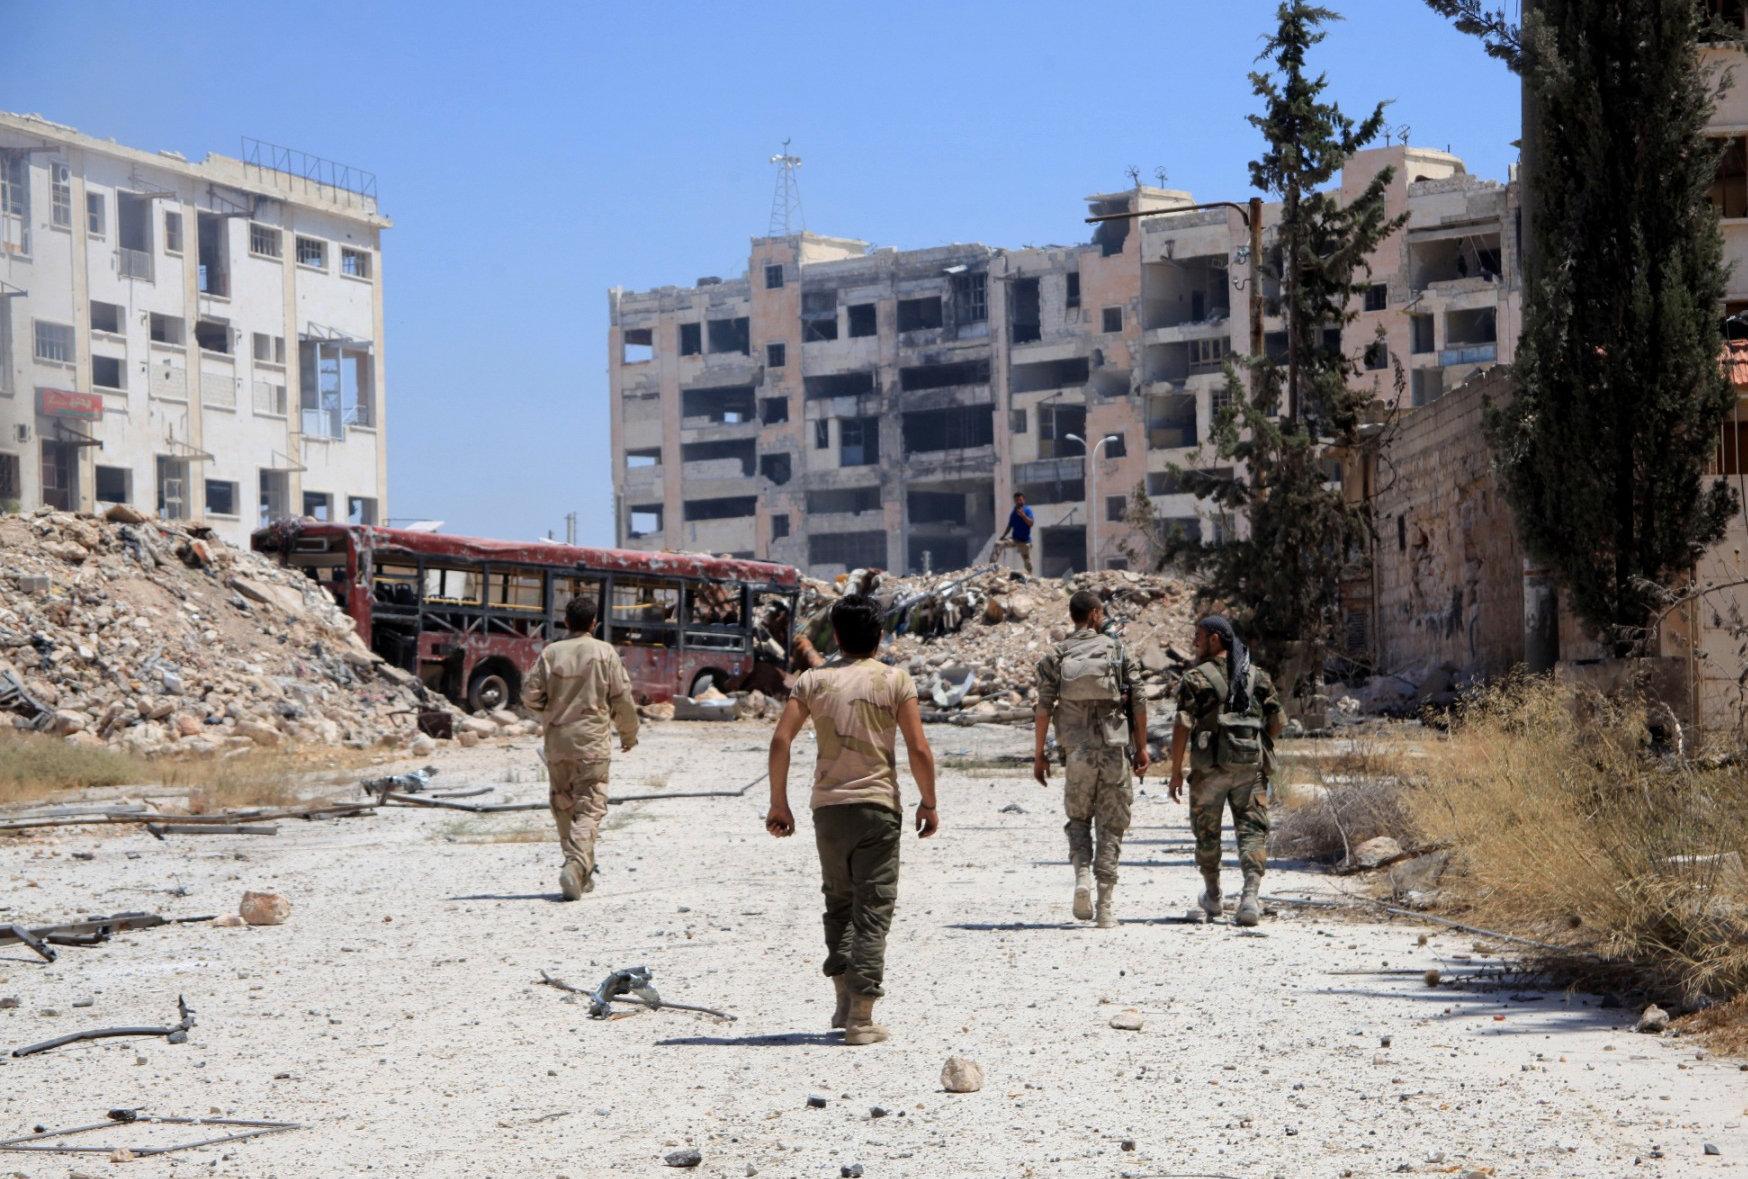 Soldados sirios patrullan uno de los corredores humanitarios establecidos para la evacuación de civiles en el barrio de Leramun, Alepo, 28 de julio de 2016